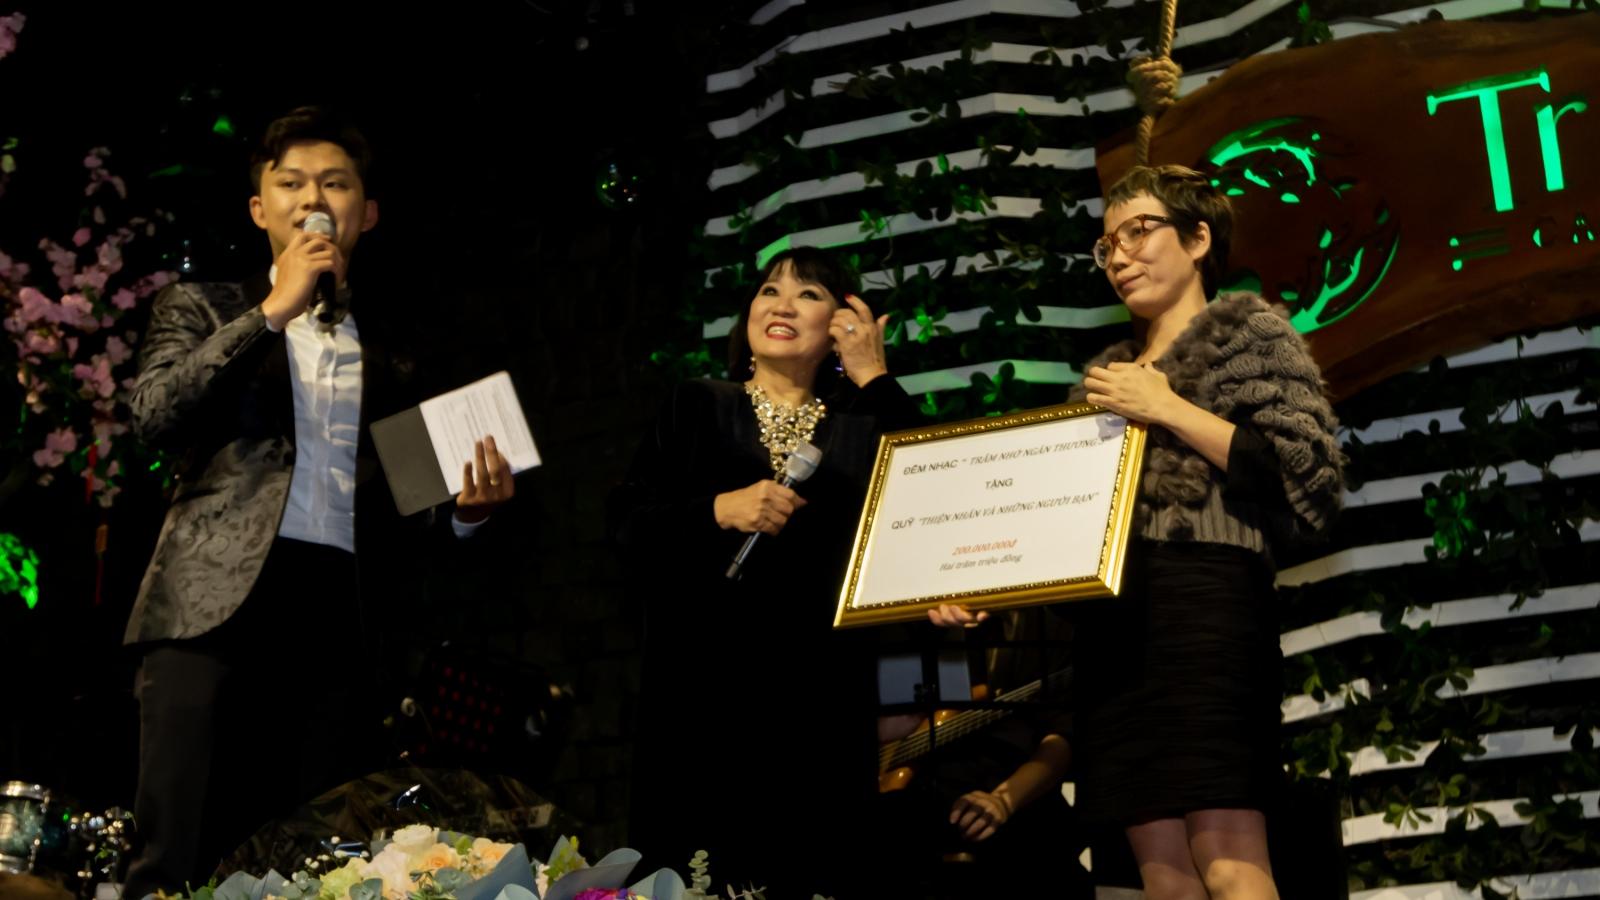 Cẩm Vân trao tặng chi phí phẫu thuật 200 triệu đồng cho quỹ Thiện Nhân và những người bạn